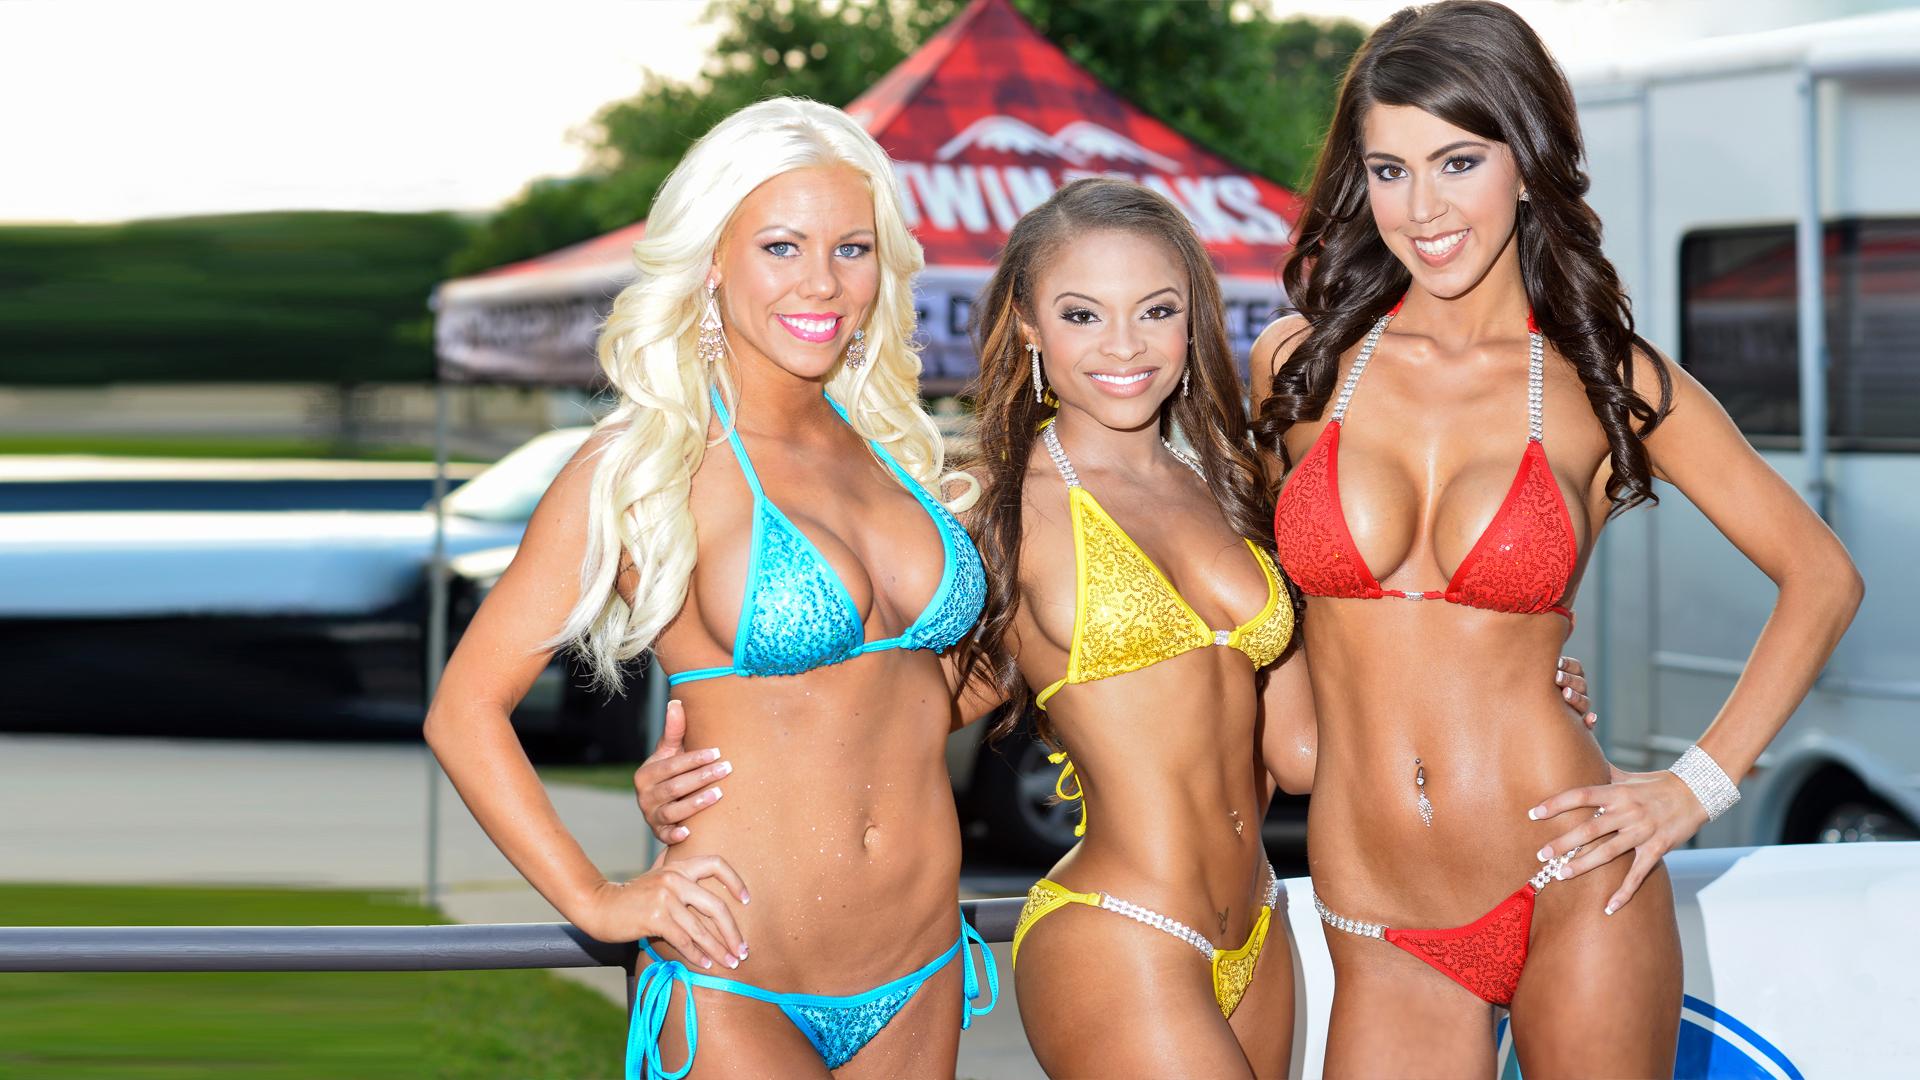 TwinPeaks Austin - Bikini